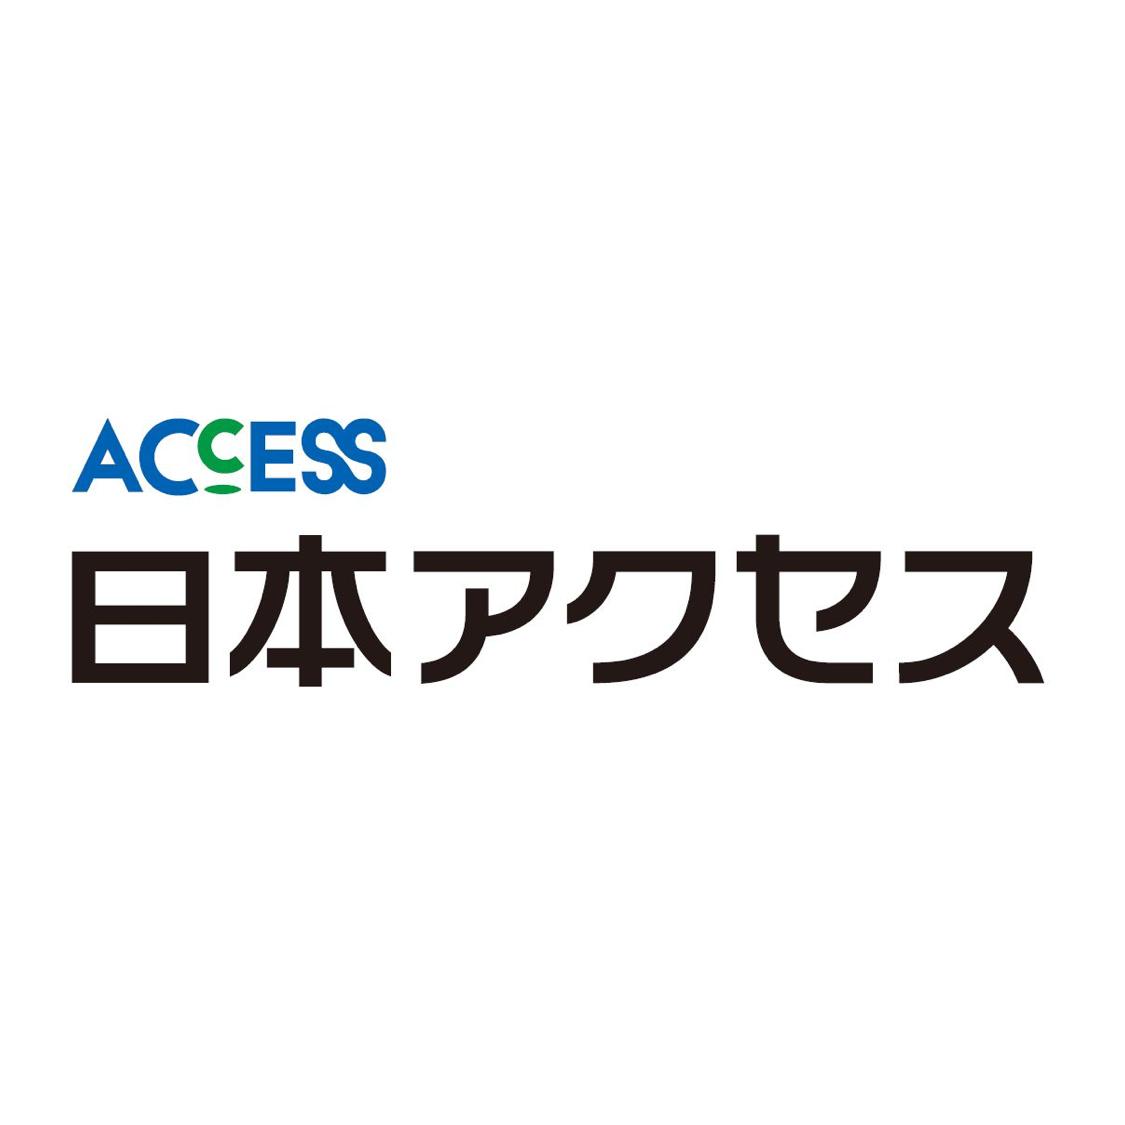 日本アクセス ロゴ